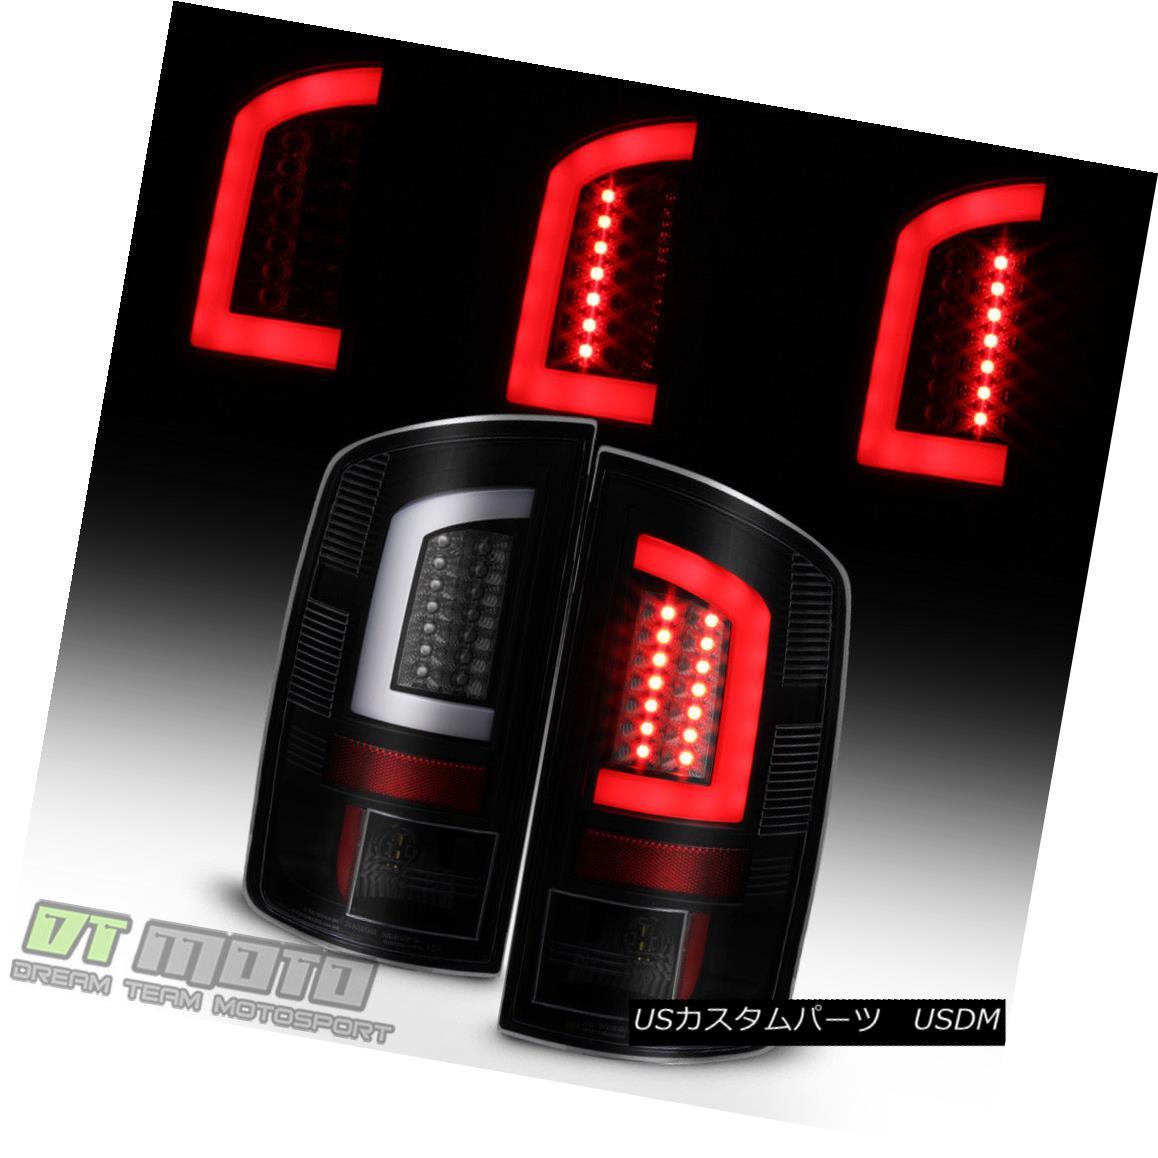 テールライト Black Smoek 2002-2006 Dodge Ram 1500 03-06 2500 3500 LED Tube Tail Lights Lamps ブラックスモーク2002-2006ダッジラム1500 03-06 2500 3500 LEDチューブテールライトランプ